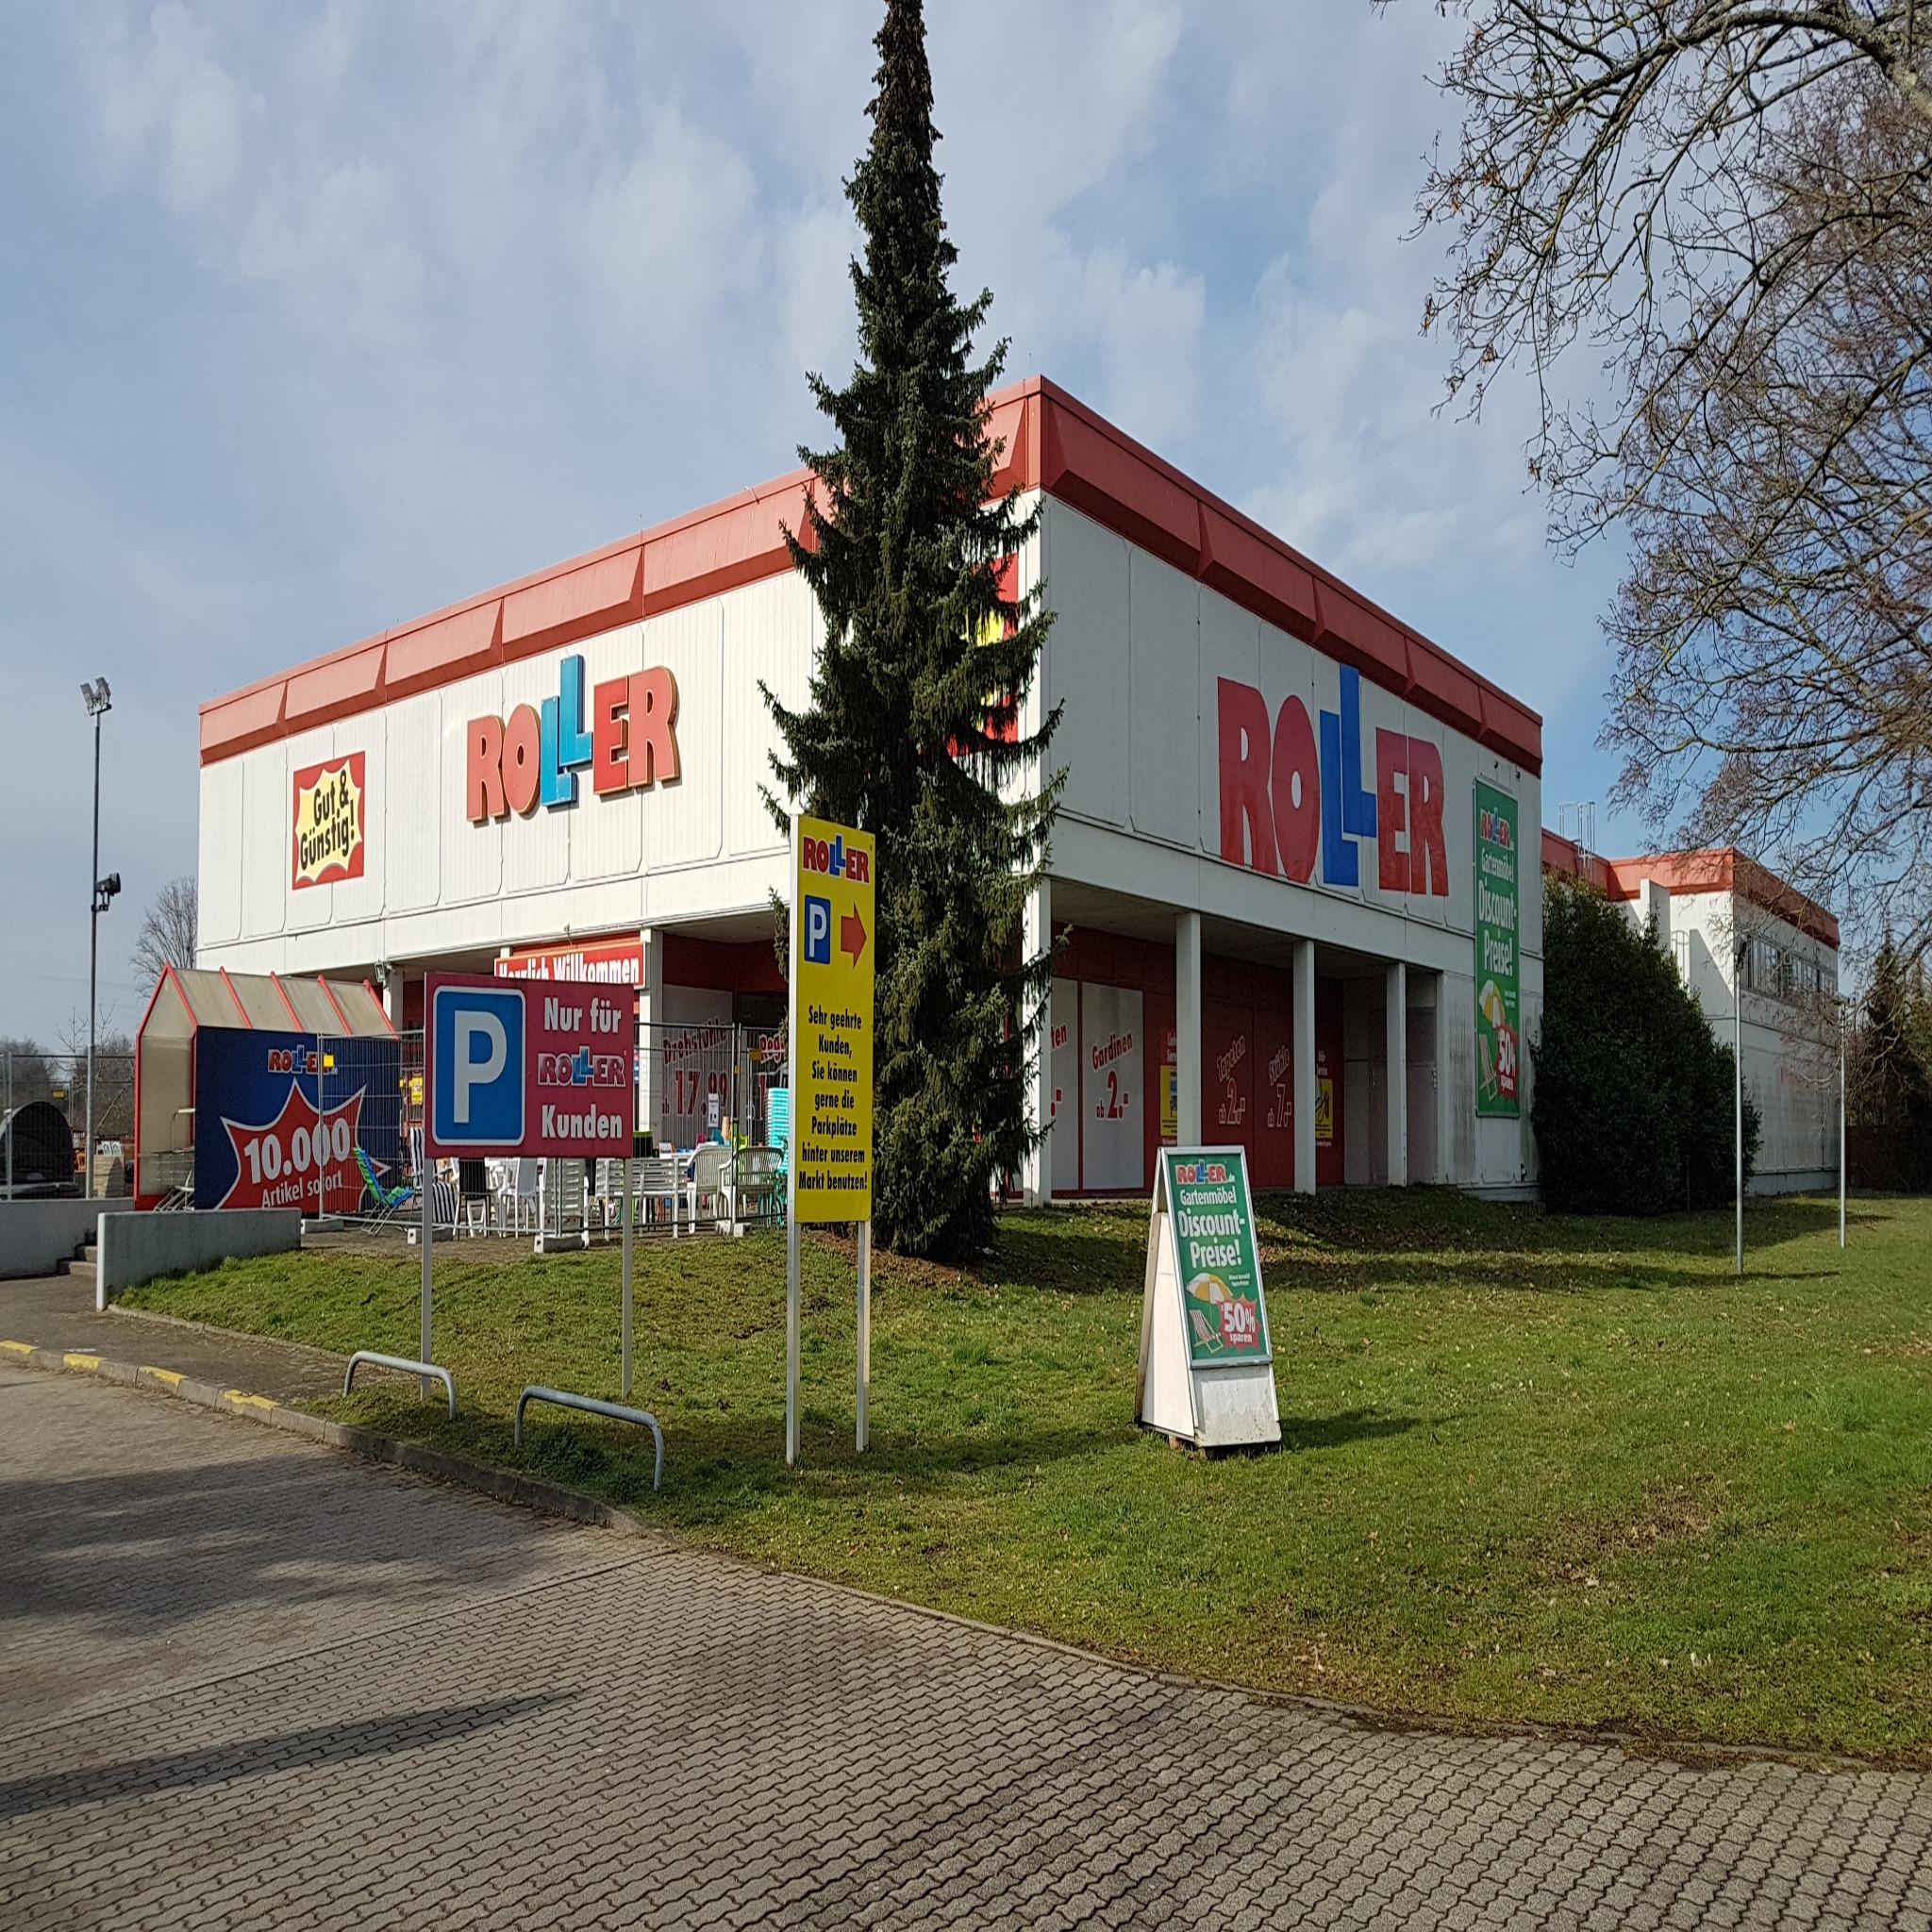 Bild der ROLLER GmbH & Co. KG